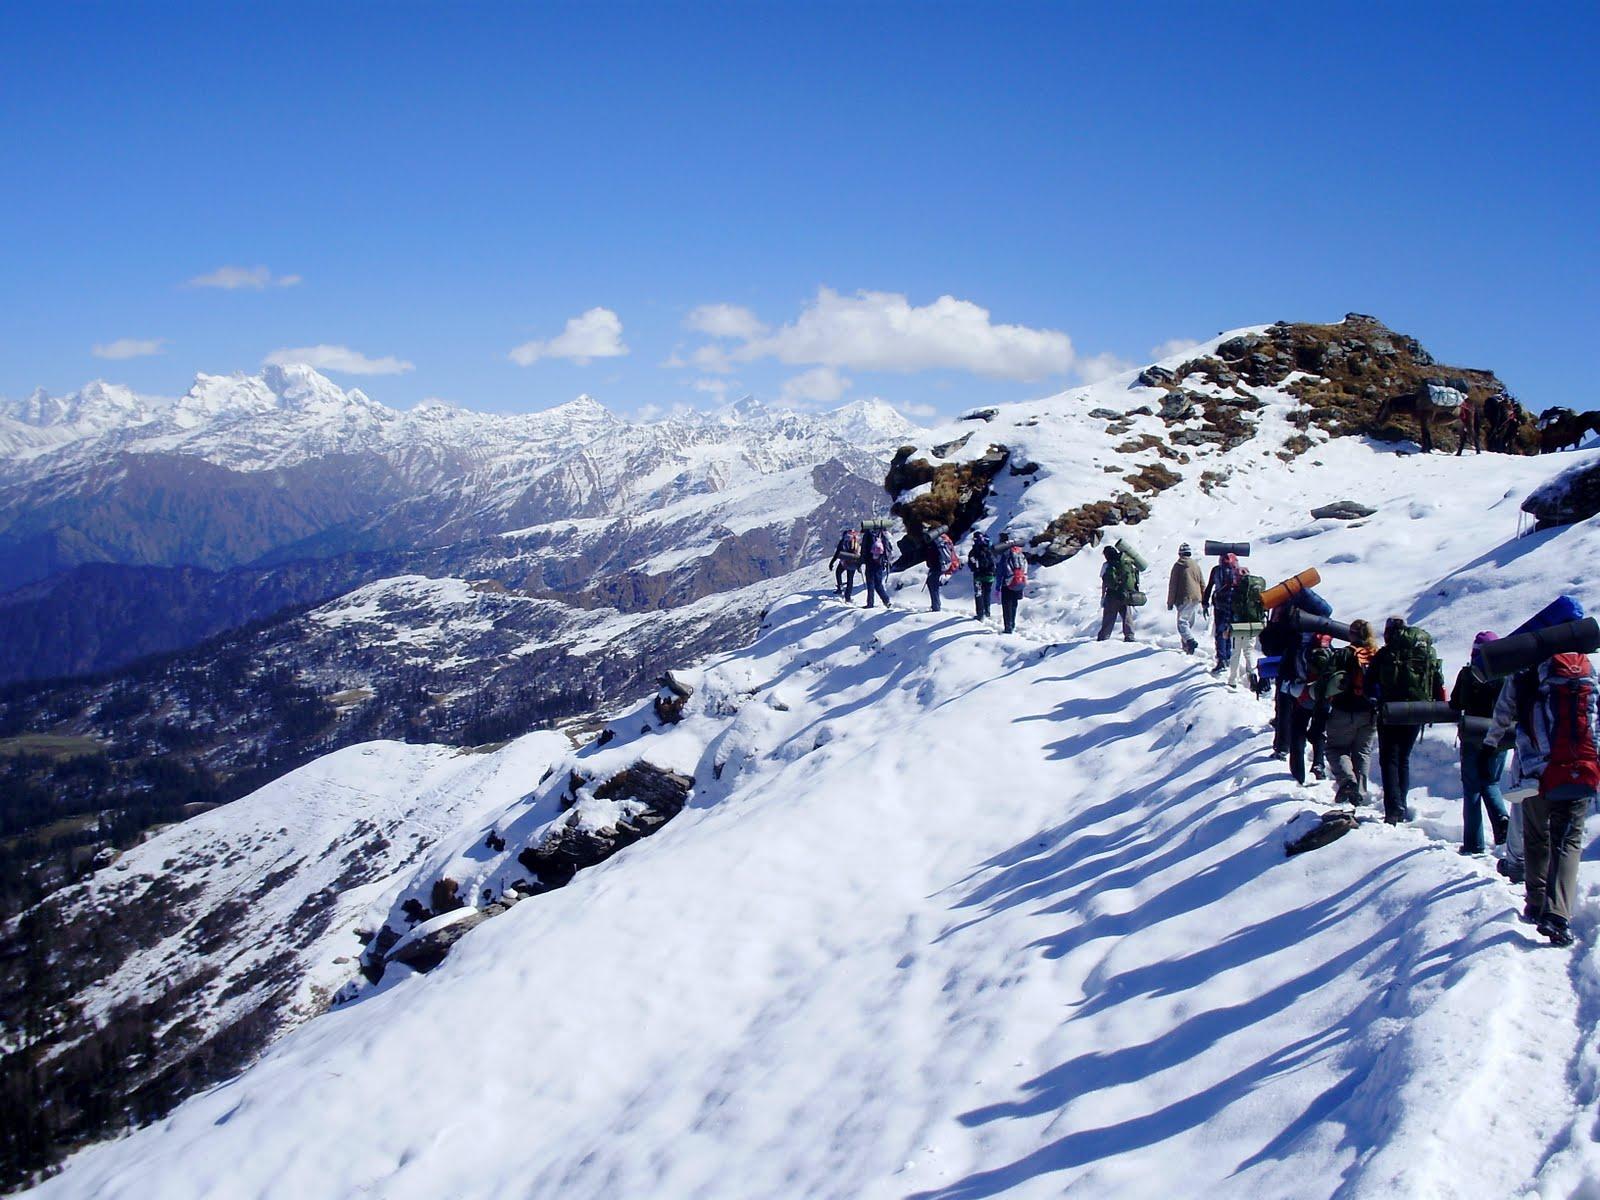 Kedarkantha trek in uttarakhand guide